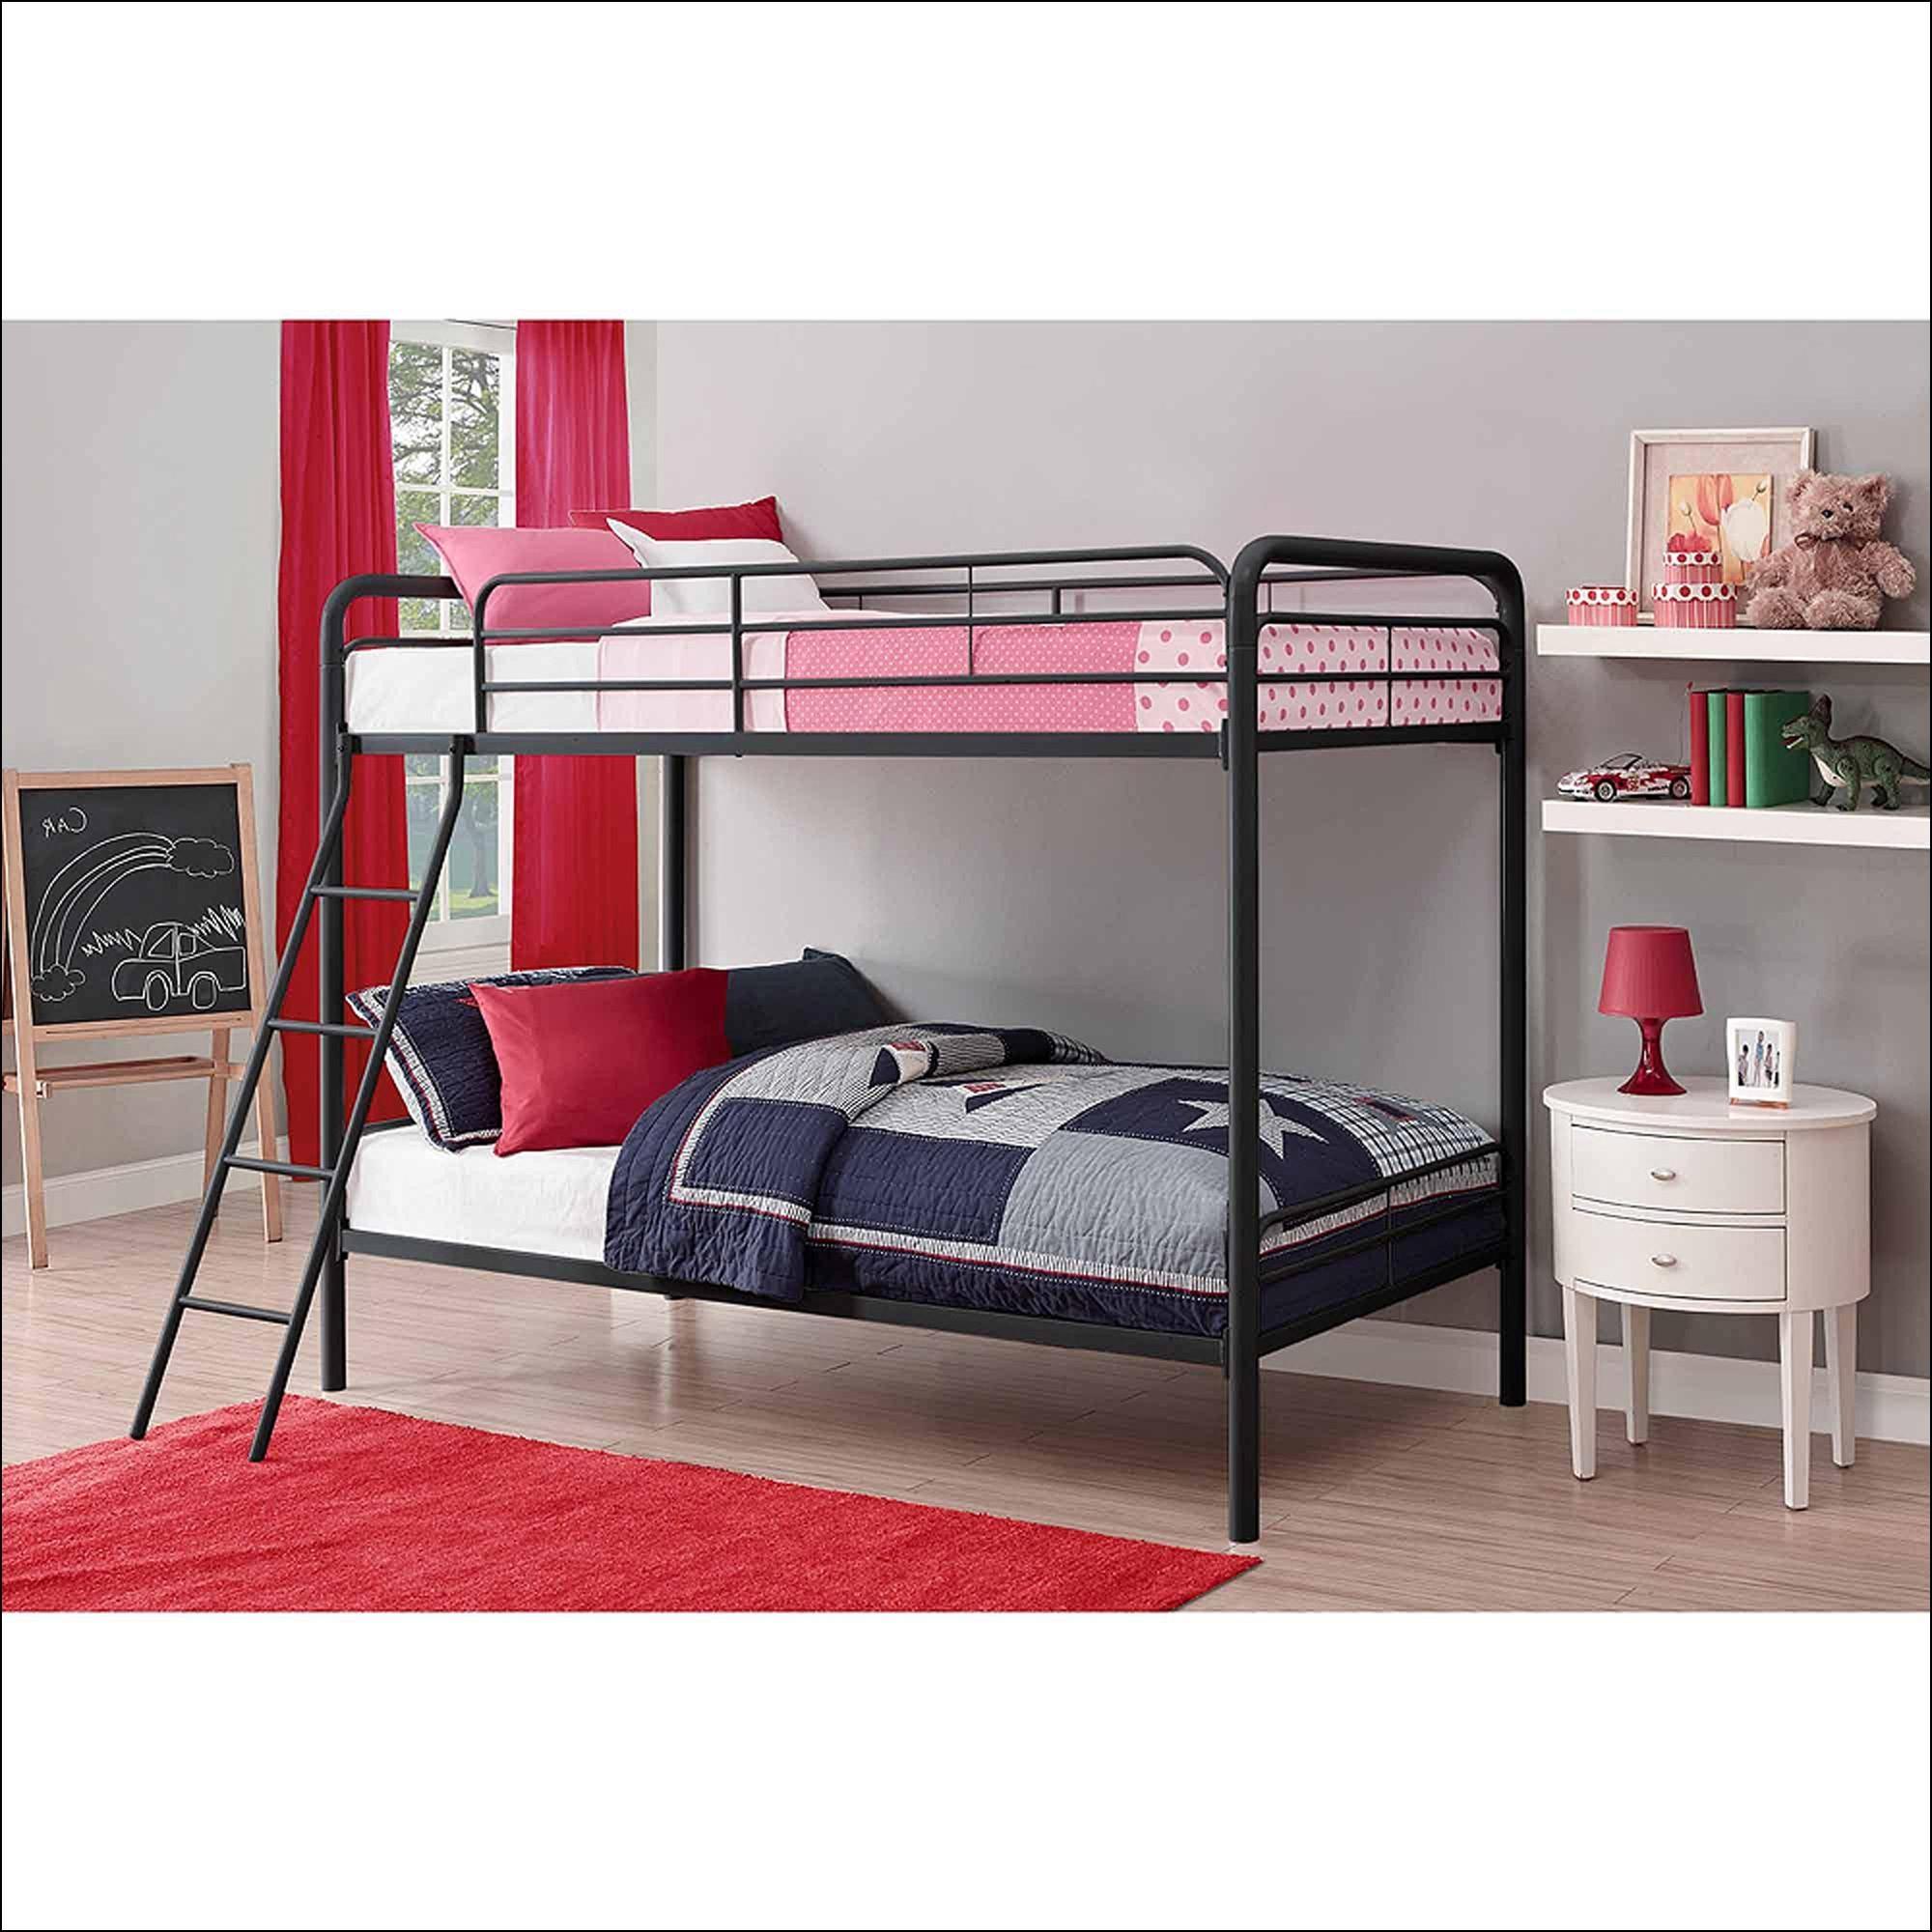 Bunk Beds : Cheap Bunk Beds Walmart Best Bunk Bed Mattress Bunk For Kmart Bunk Bed Mattress (Image 4 of 20)